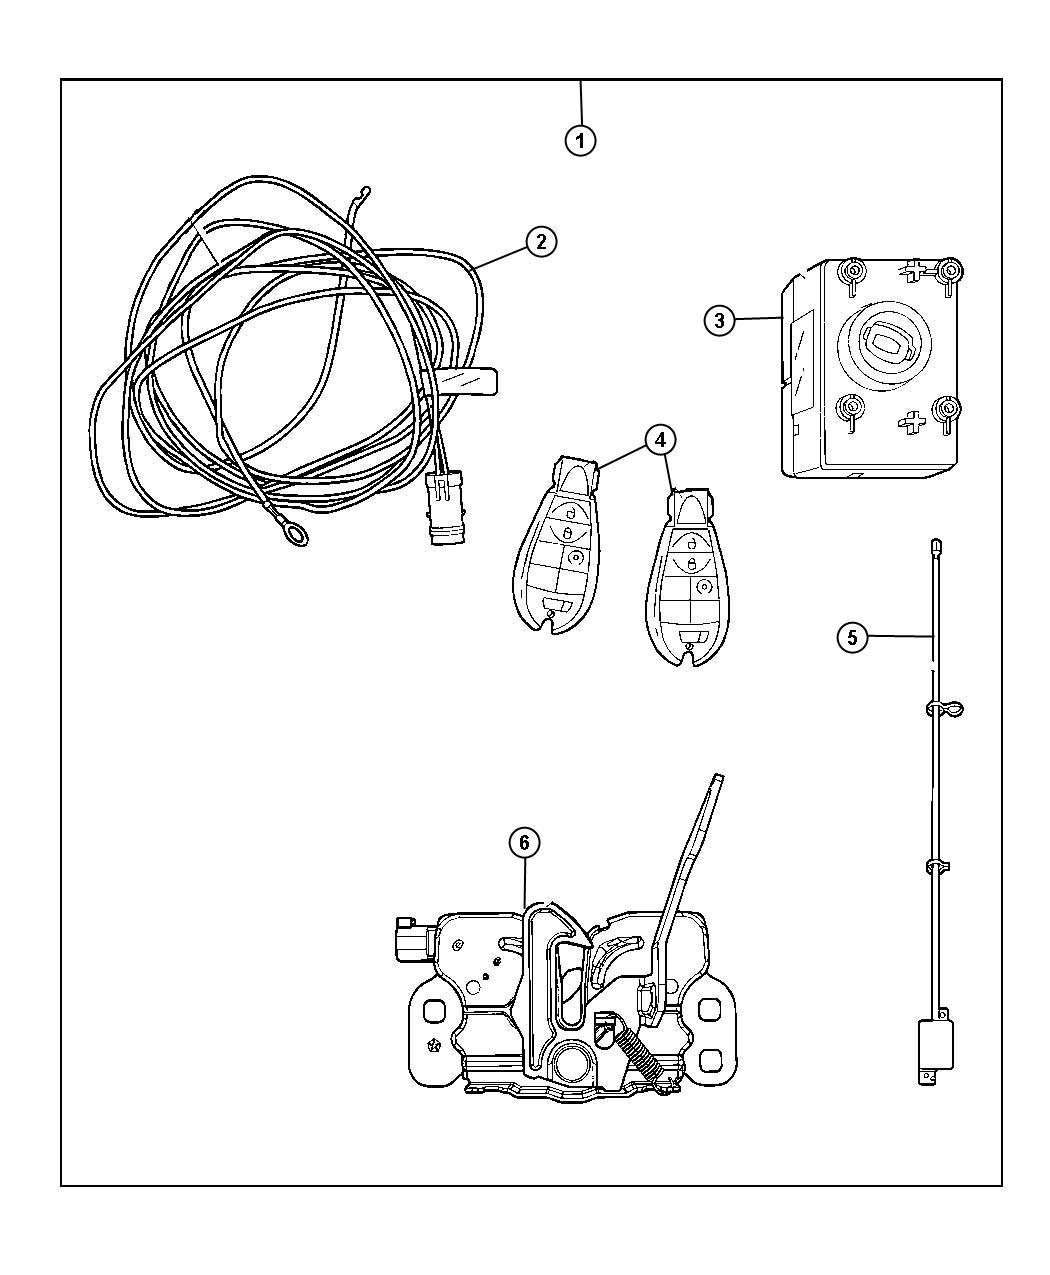 jeep wrangler antenna keyless entry